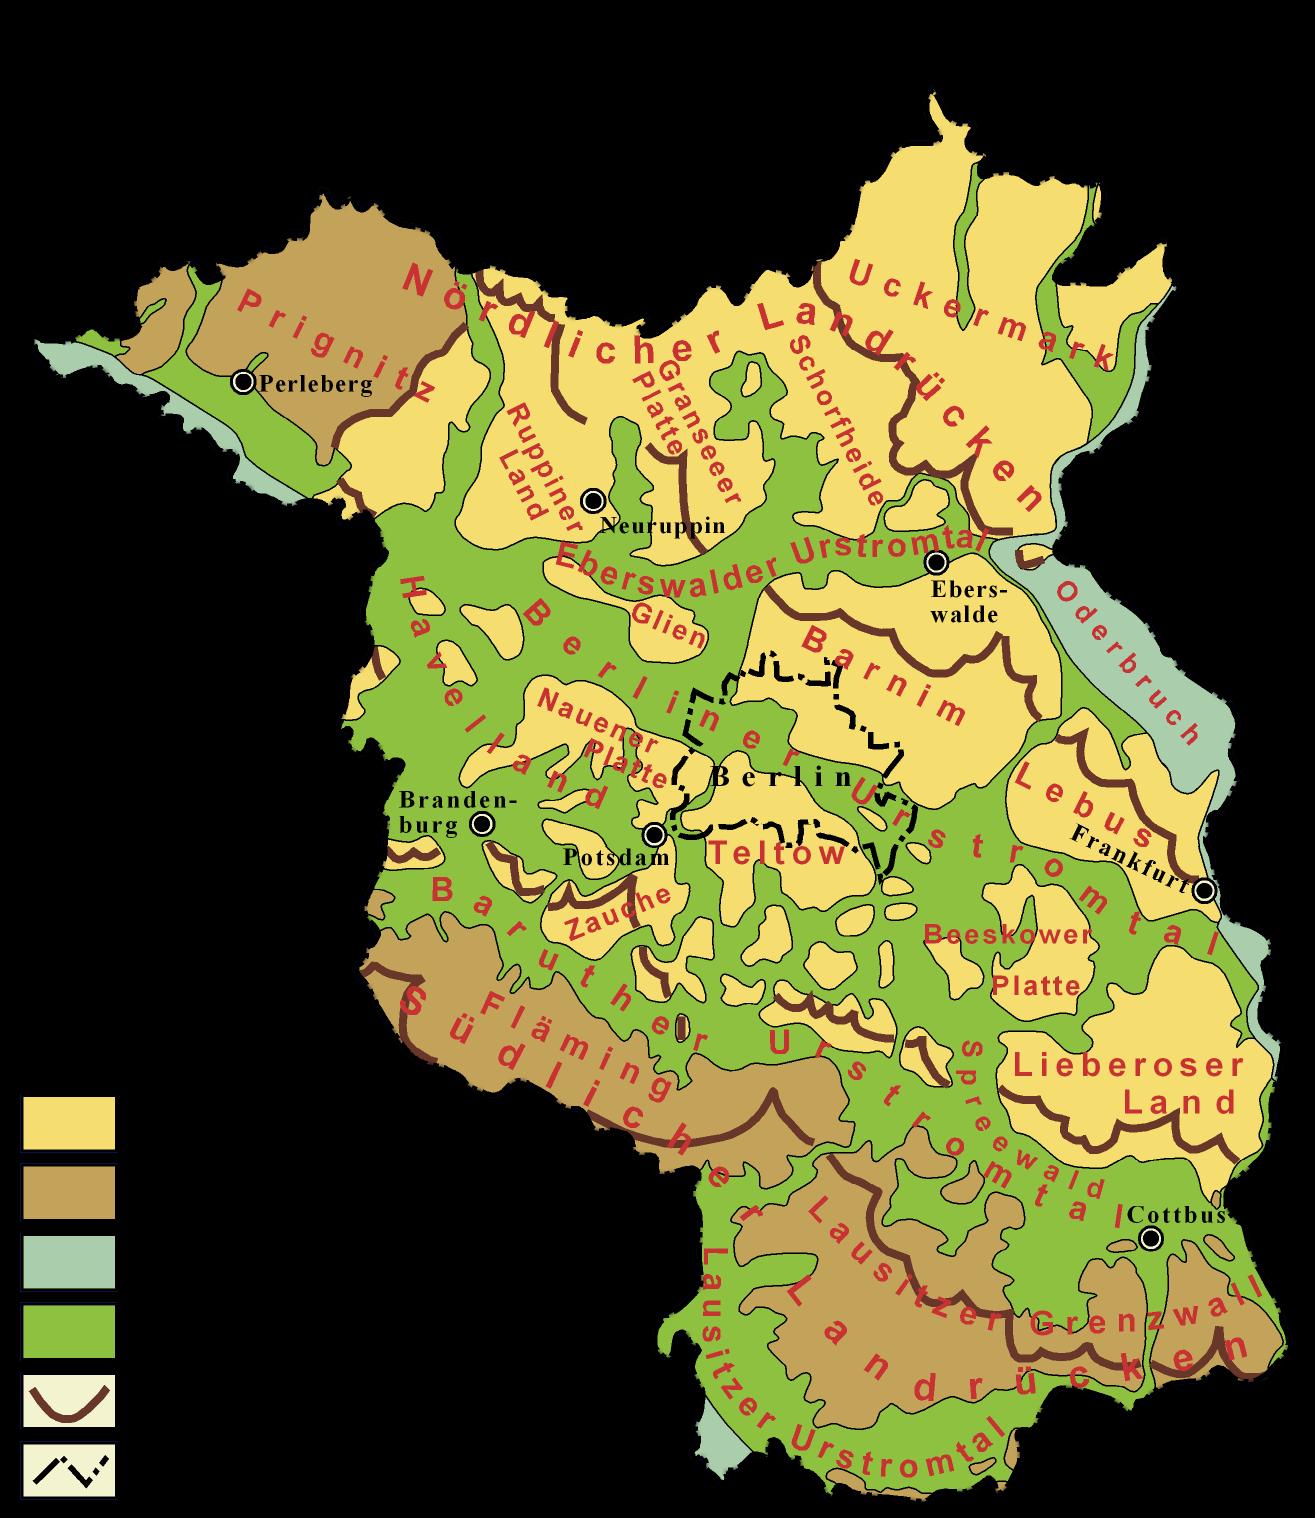 grundwasserspiegel karte brandenburg Landschaftsschutzgebiete Brandenburg Karte | Kleve Landkarte